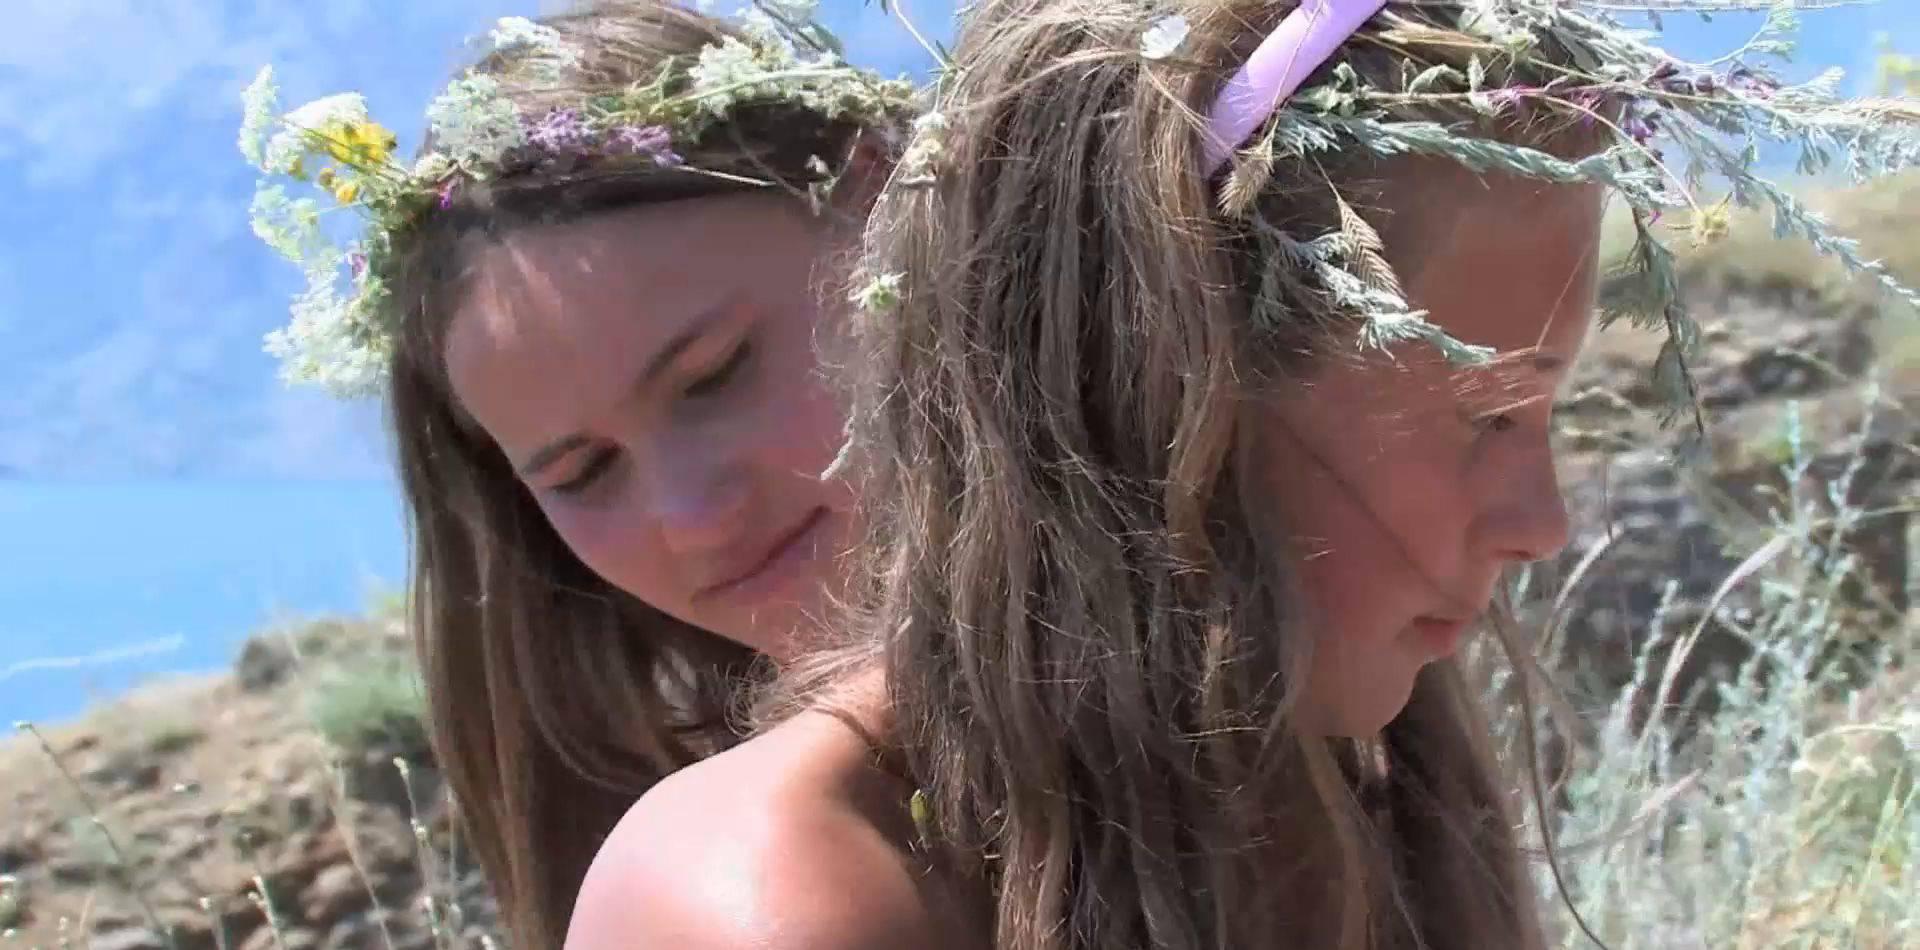 Candid-HD Videos Teen Nudists on Holiday 2 - 2